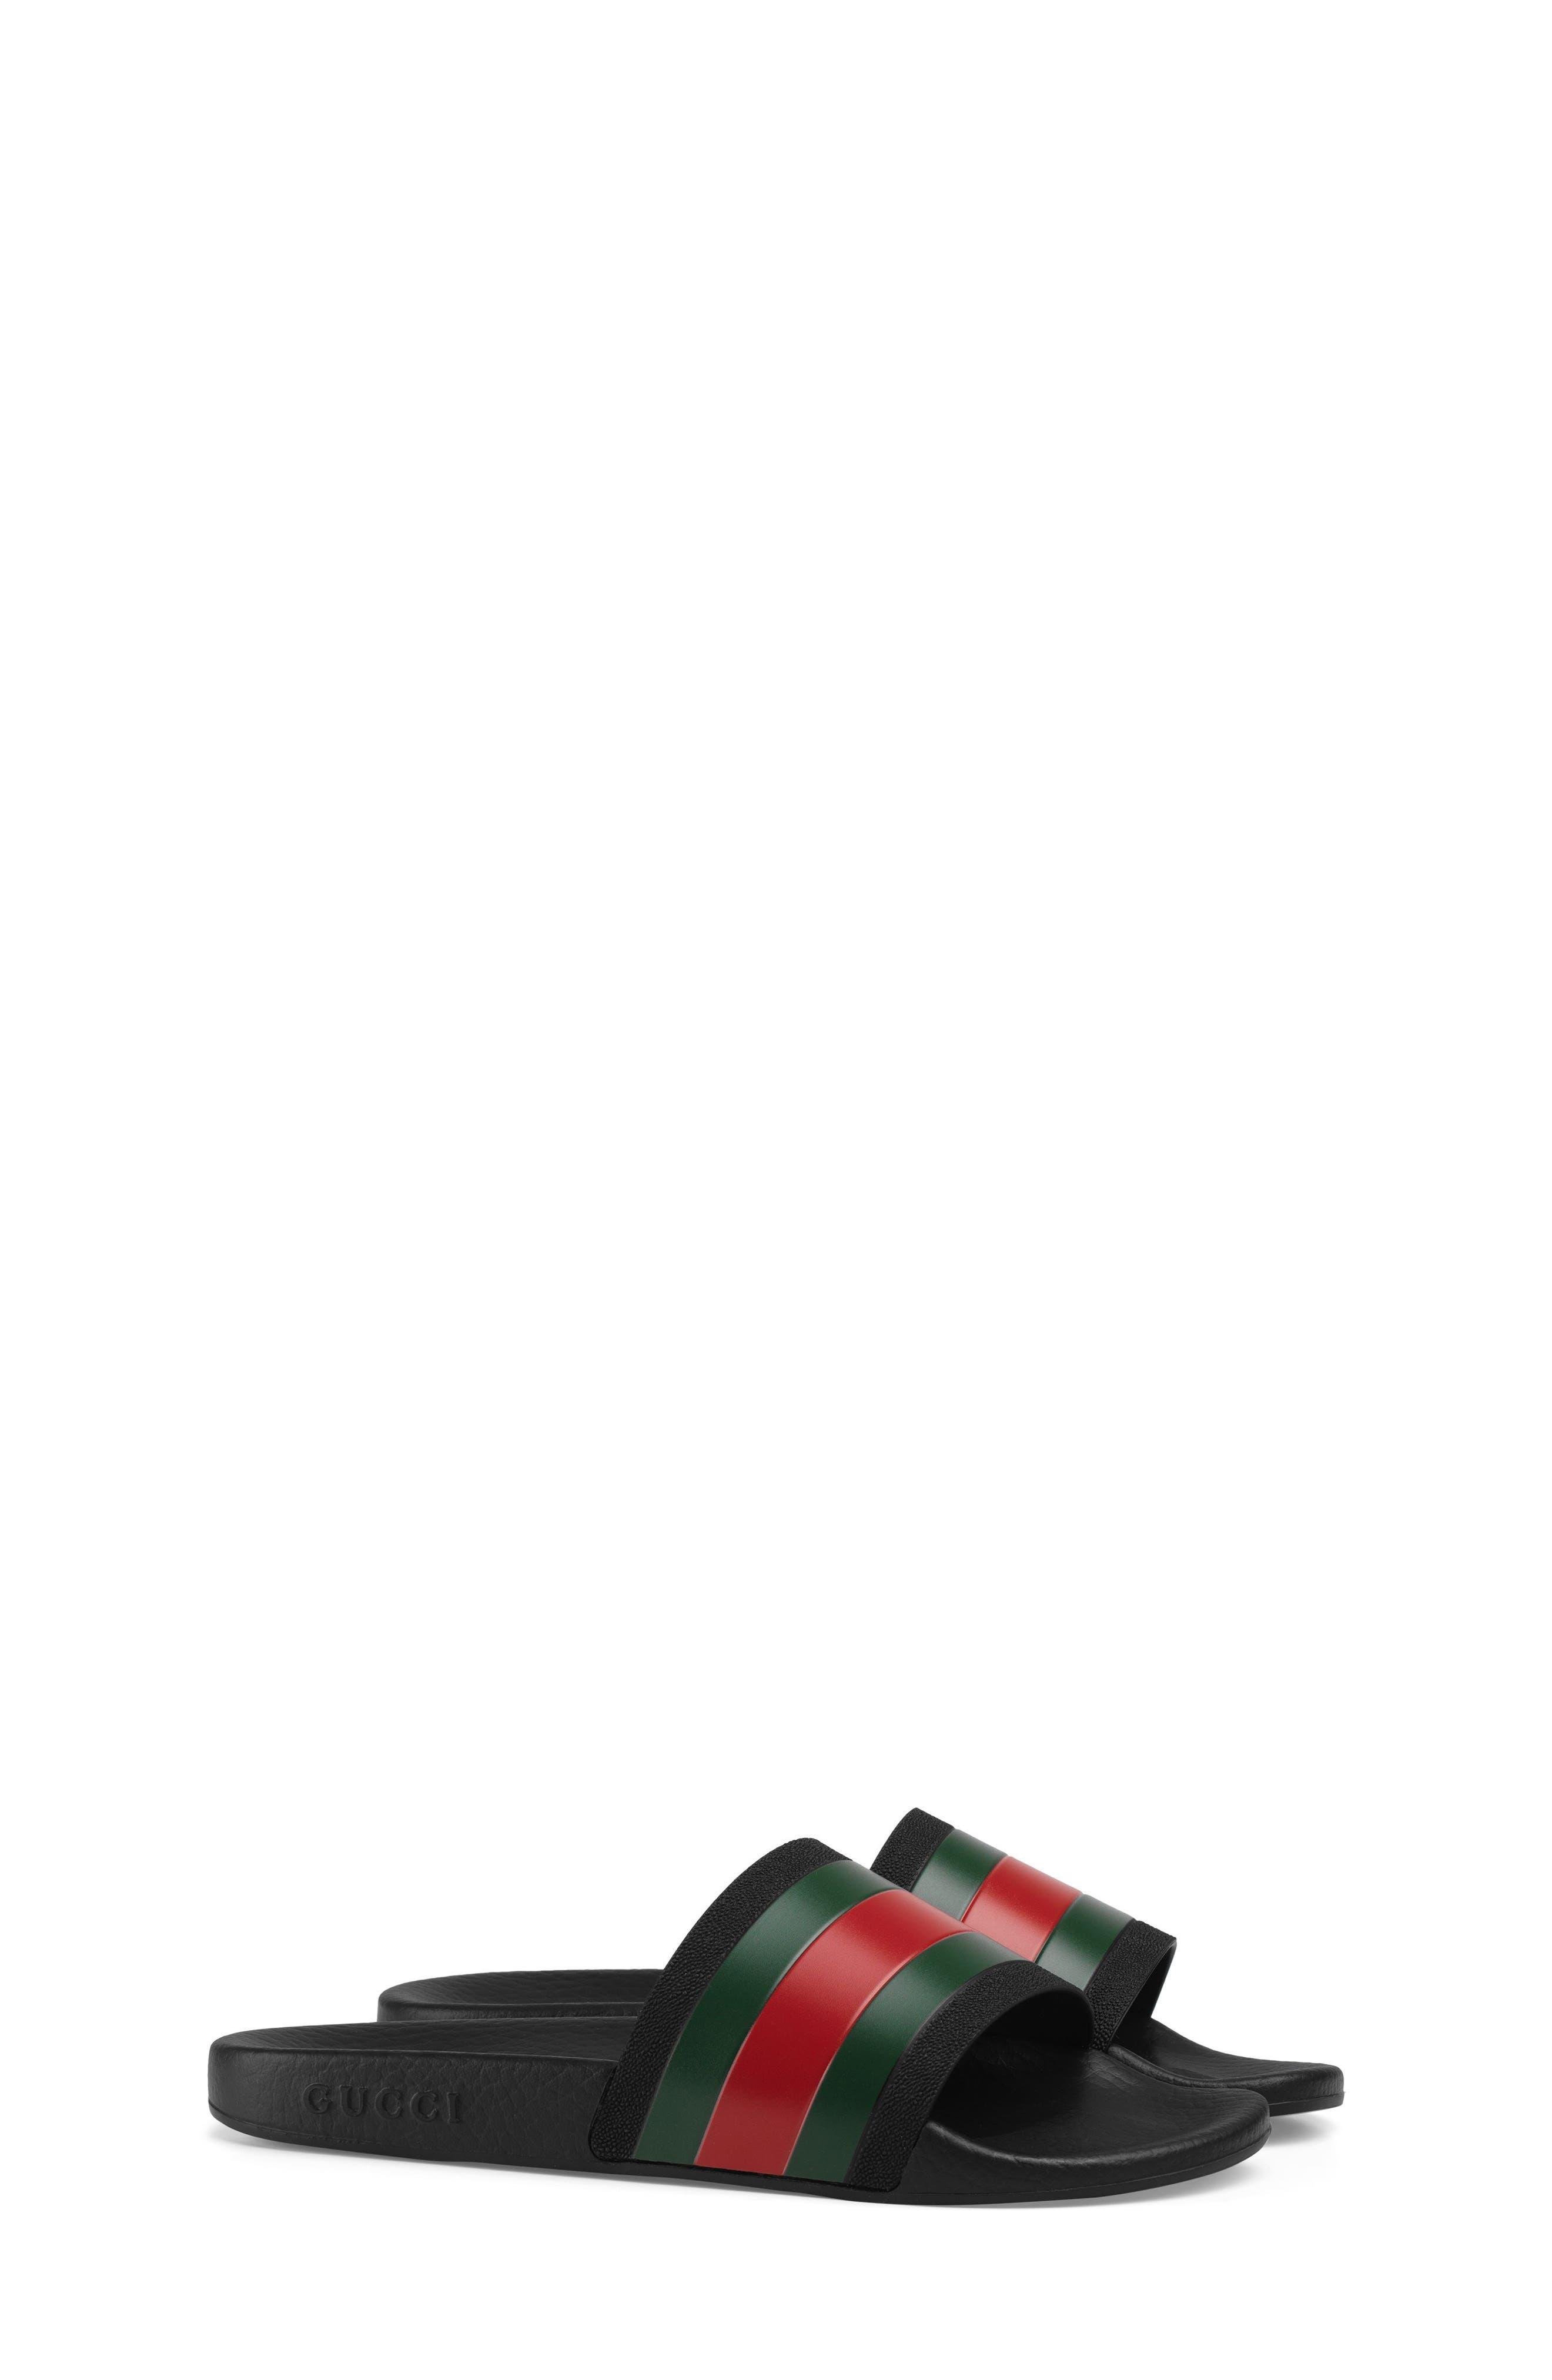 Pursuit Slide Sandal,                             Main thumbnail 1, color,                             001